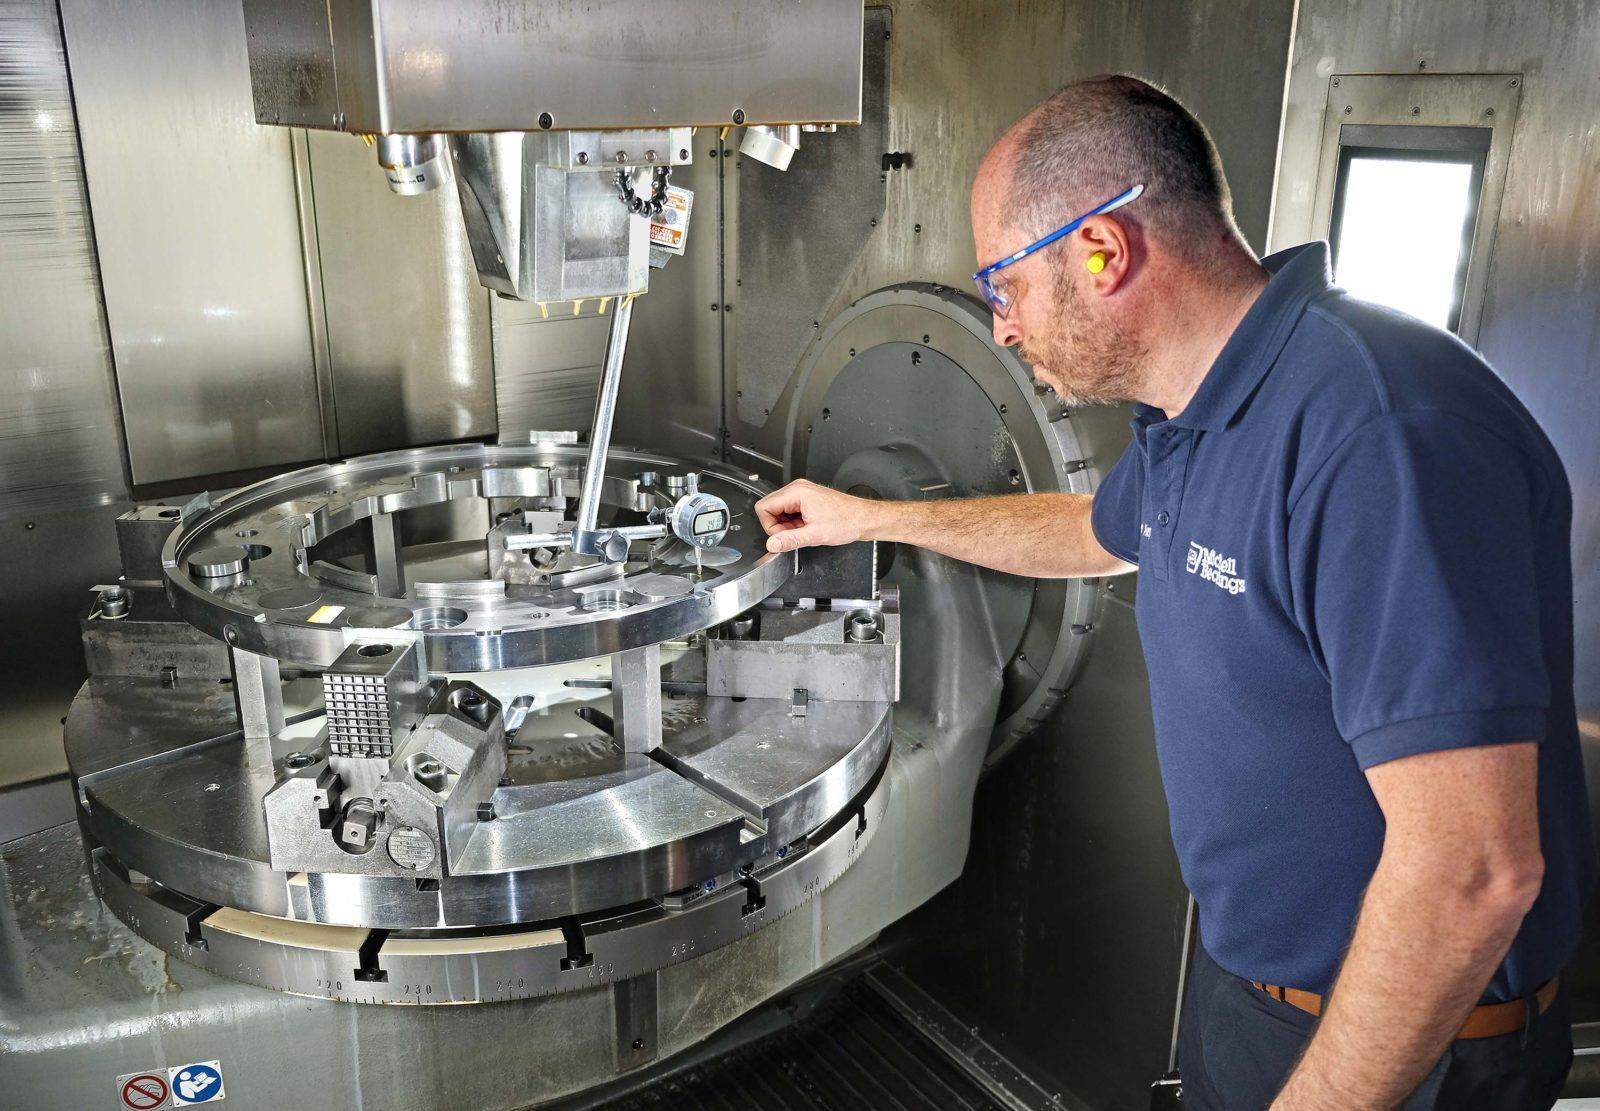 Machining a bearing